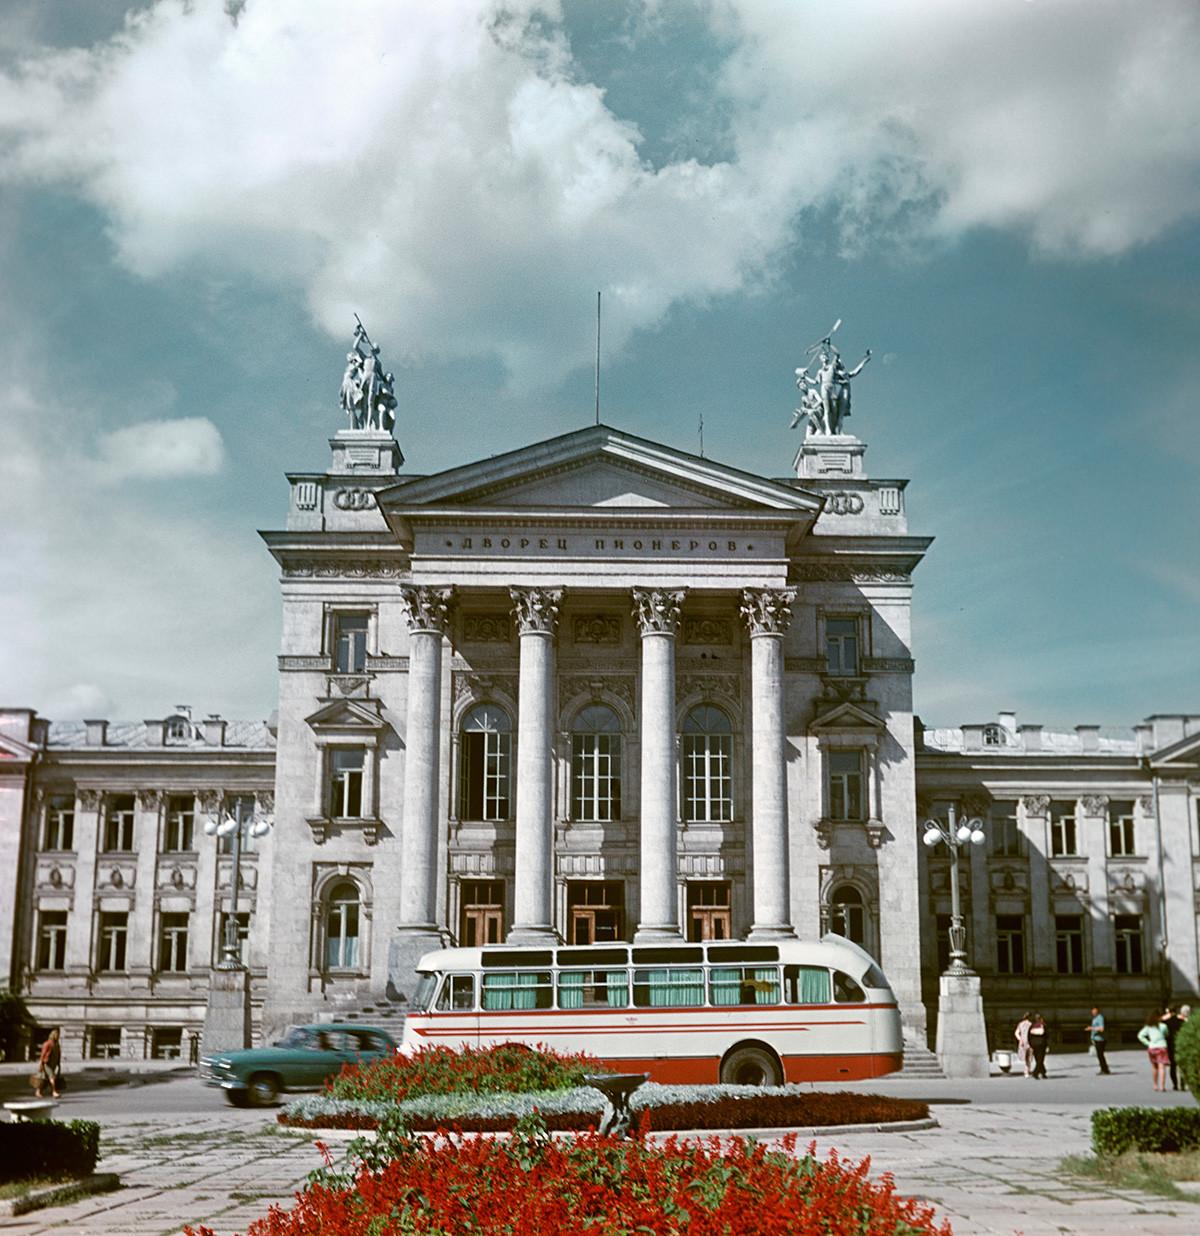 Palais des pionniers, Sébastopol, 1970